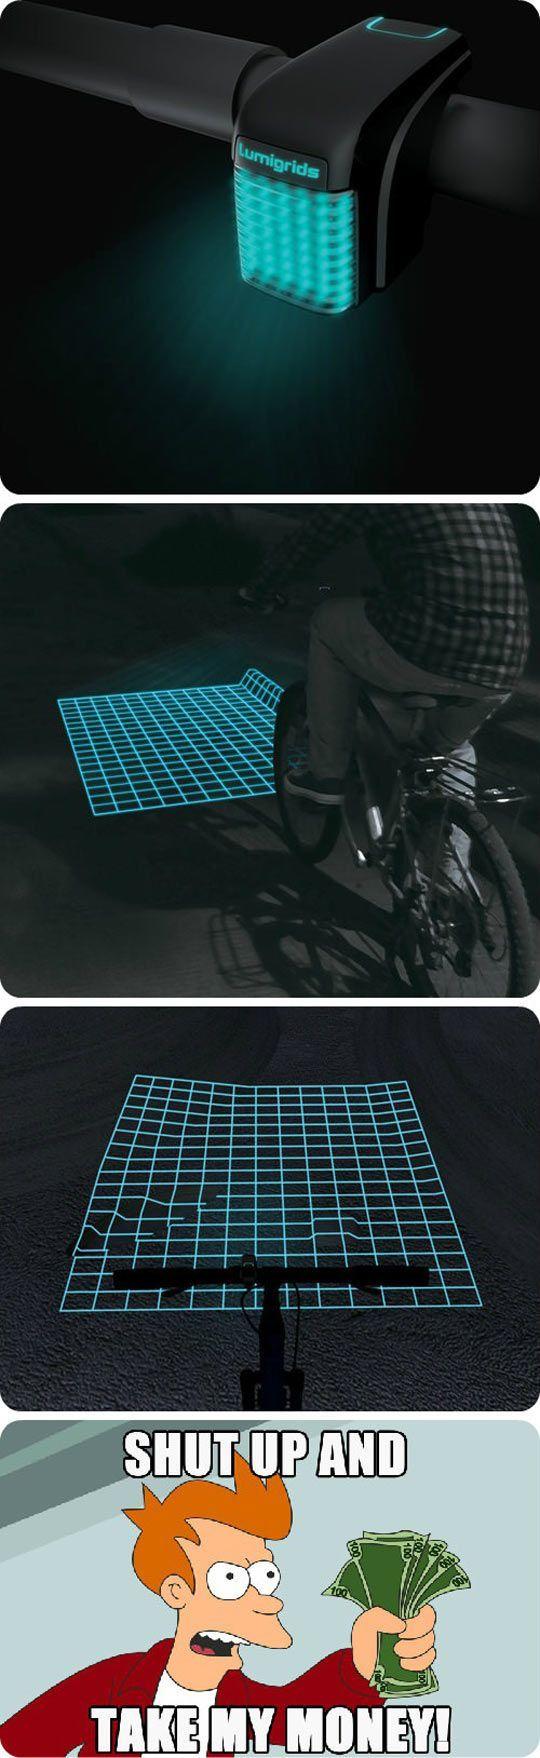 Para los amantes de andar en bici. Esta luz hace posible ver las elevaciones que tiene el terreno